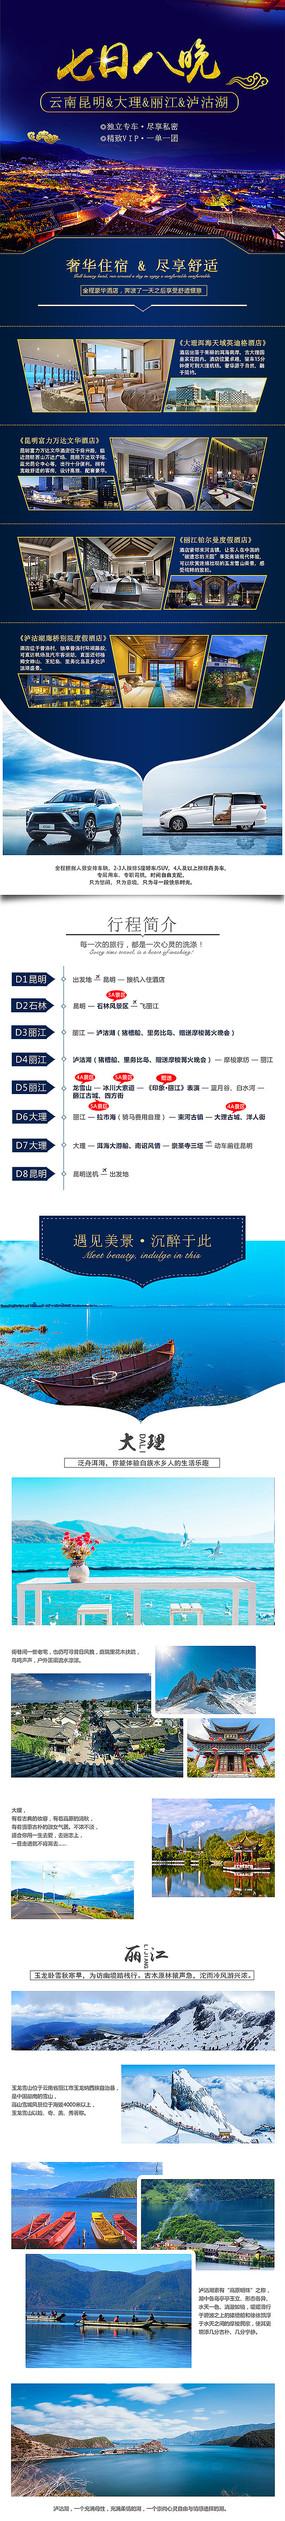 云南旅游详情页模板 PSD